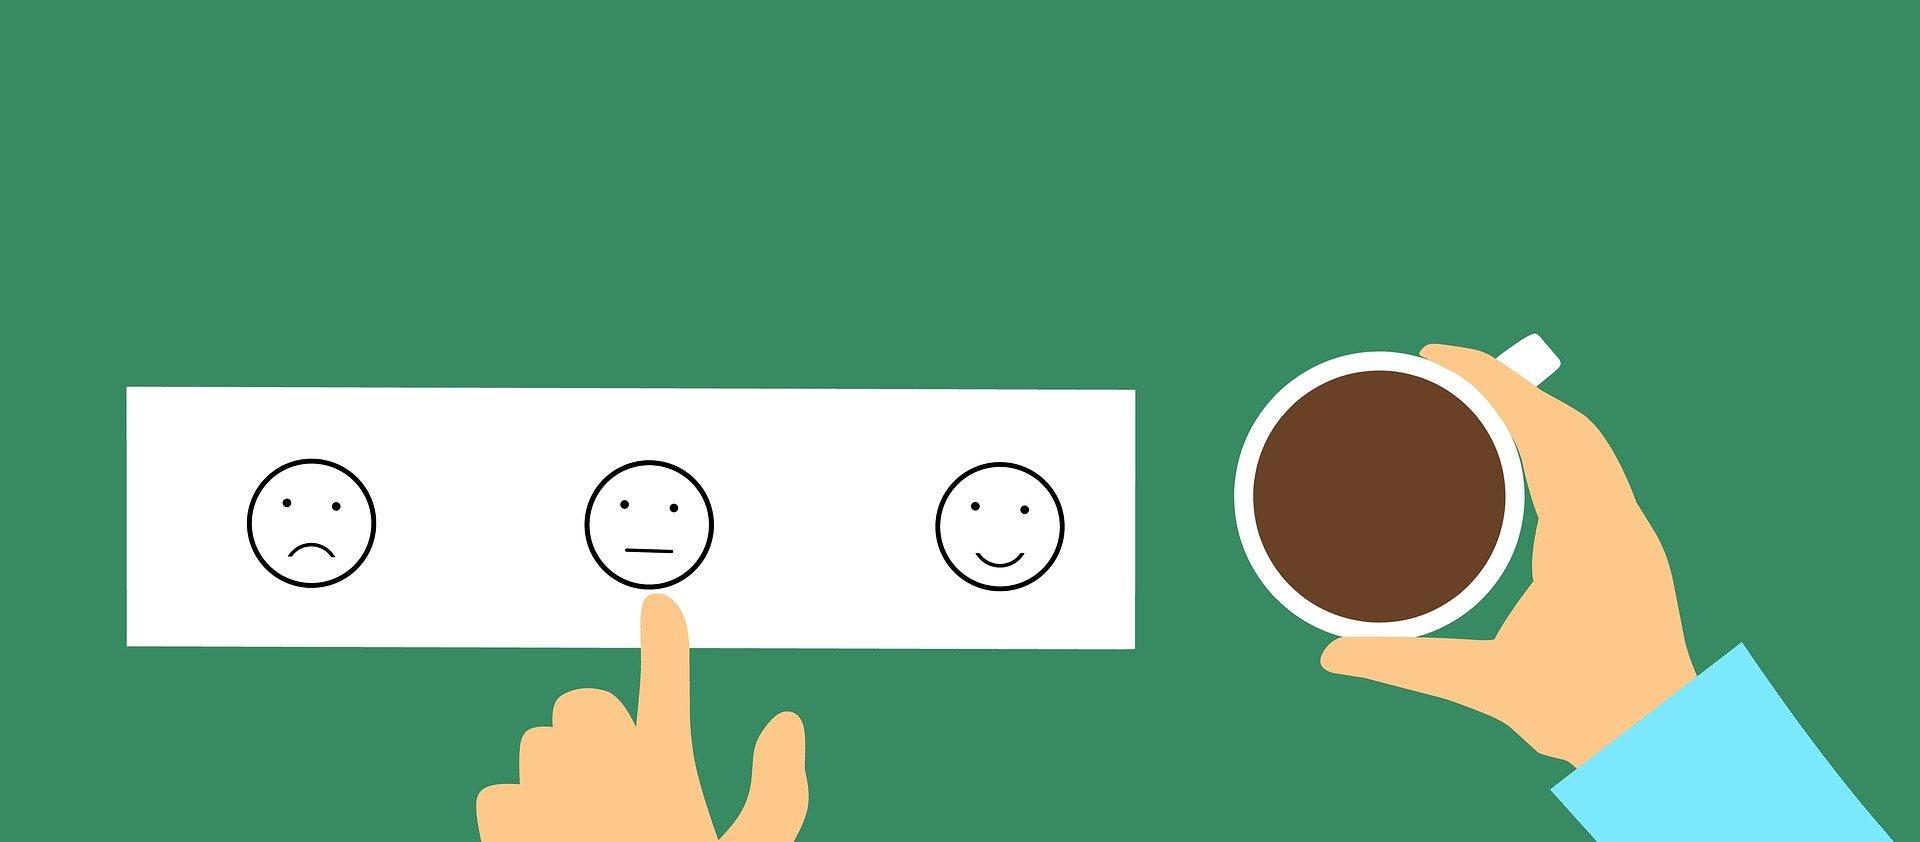 Rückmeldung Zufriedenheit Mitarbeiter Umfrage Kunde - (c) Pixabay